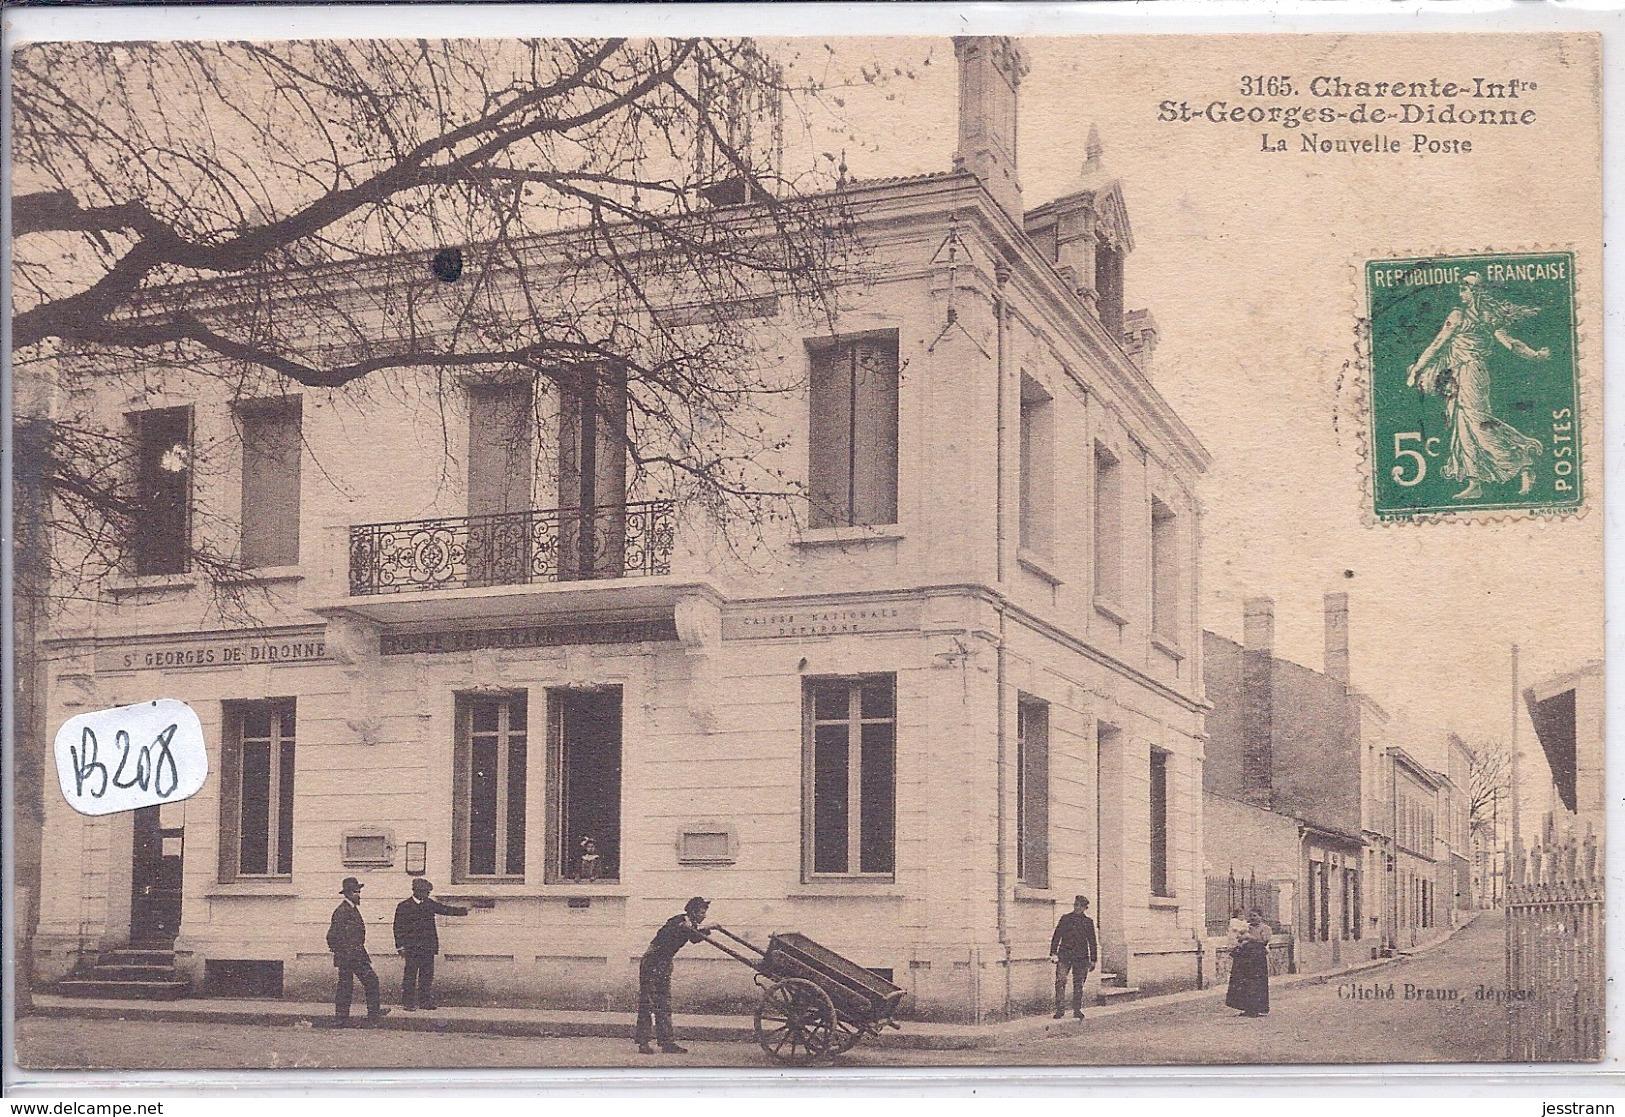 SAINT-GEORGES-DE-DIDONNE-- LA NOUVELLE POSTE - Saint-Georges-de-Didonne